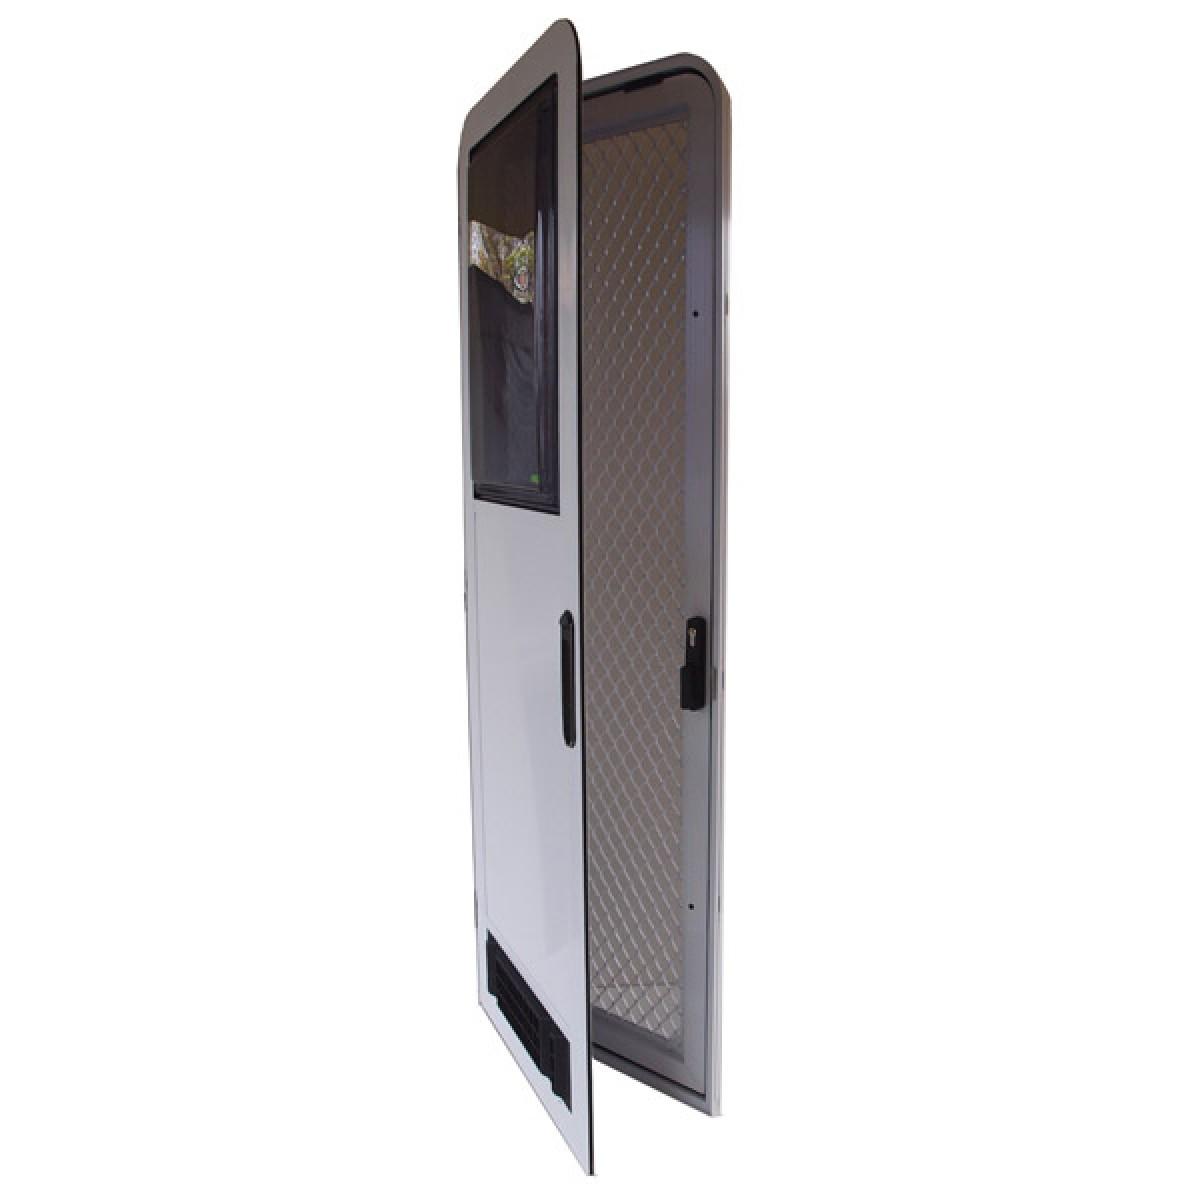 1200 #575774 Home / Doors / ATRV Radius Top Entry Door wallpaper Radius Top Entry Doors 38951200